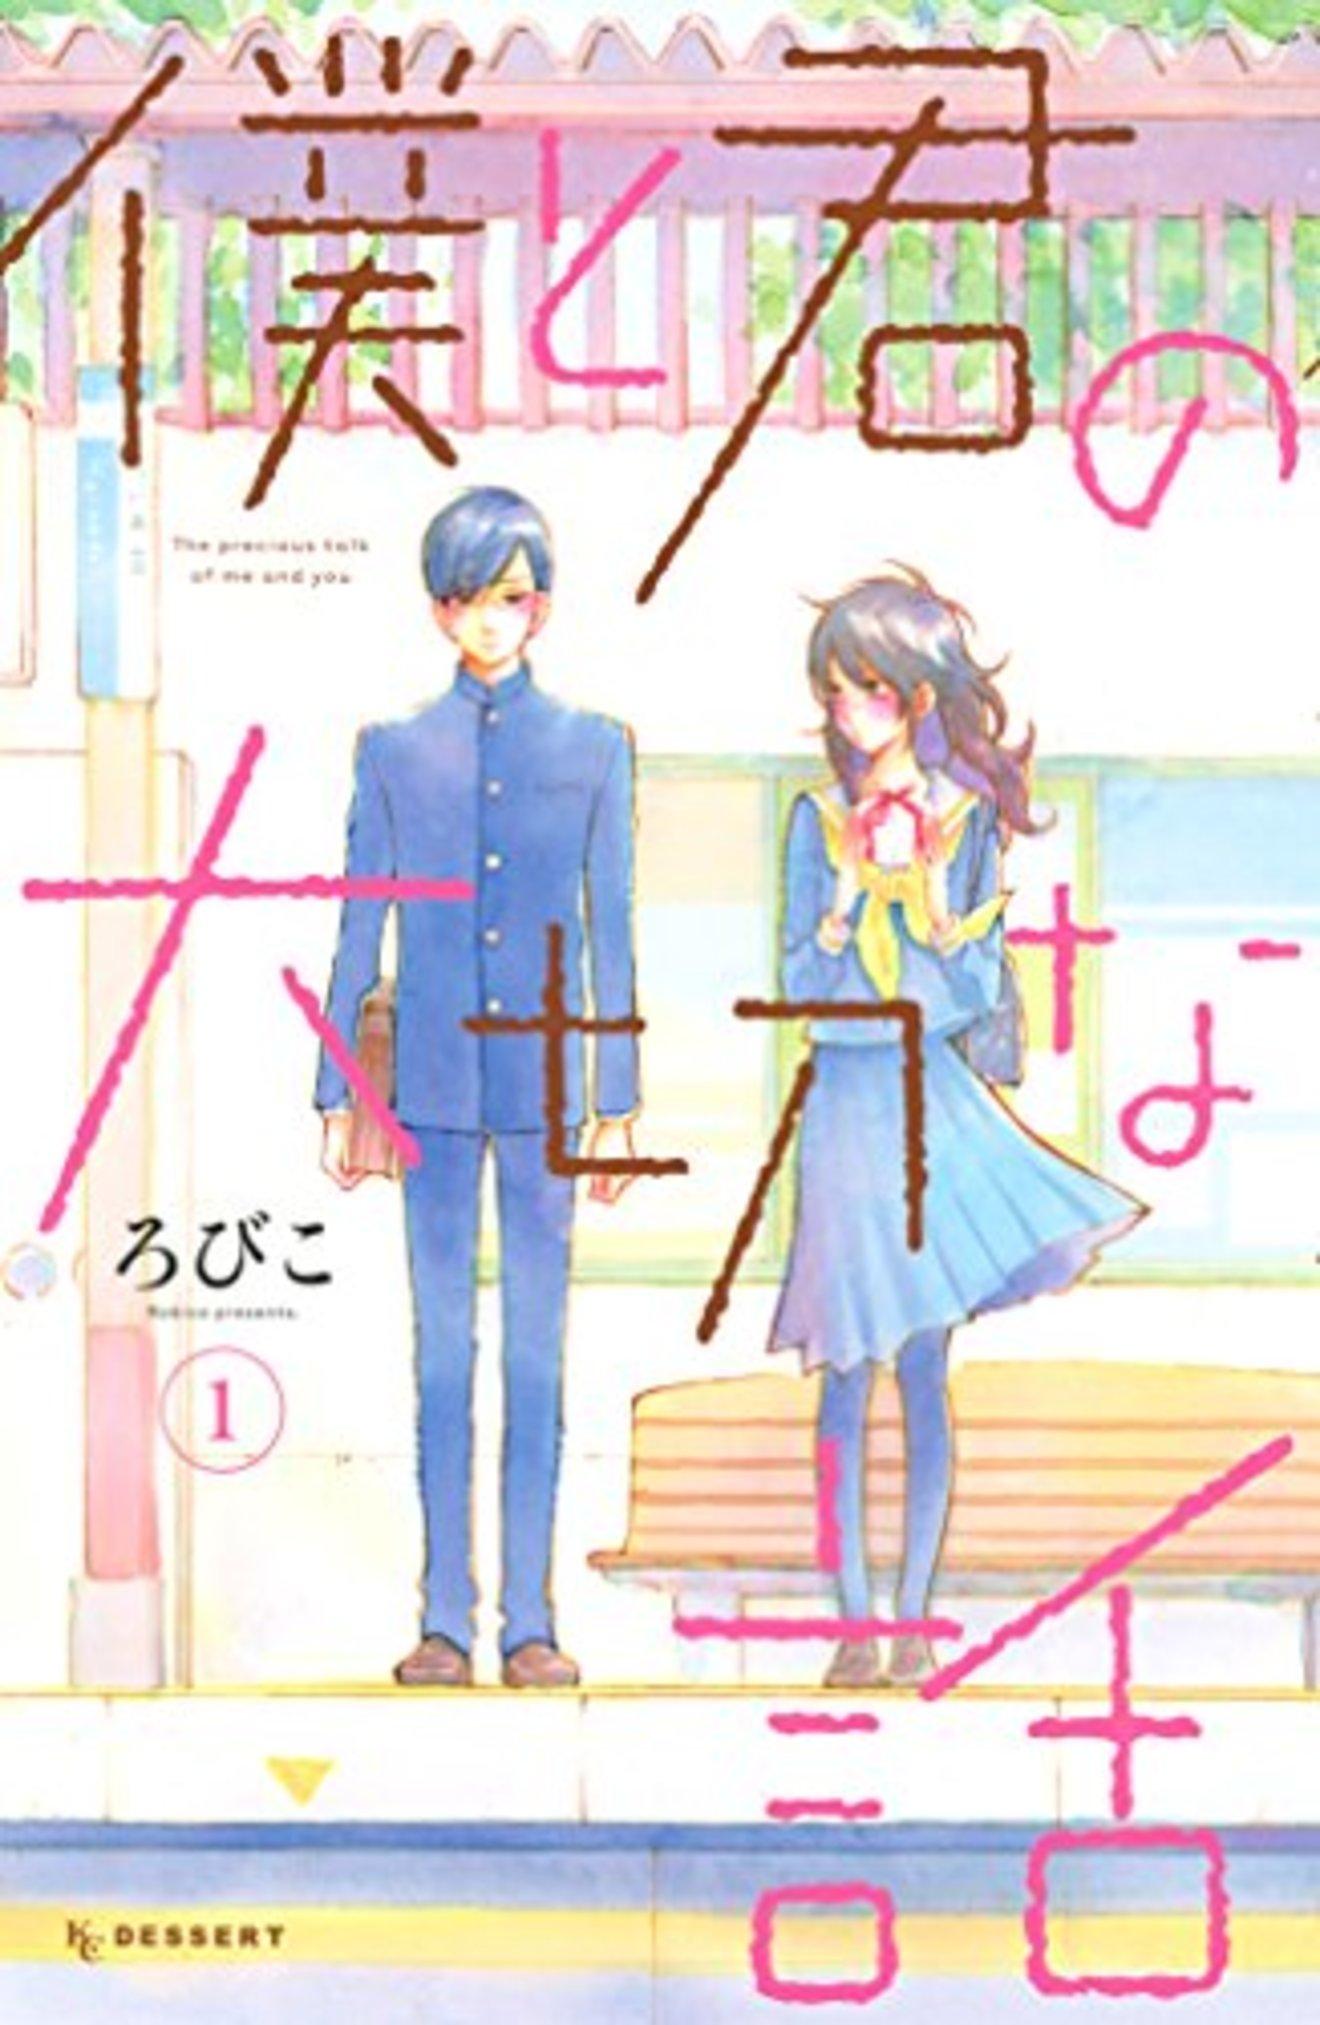 応援したすぎるおすすめ恋愛漫画5選!ピュアすぎてなかなかくっつかない!